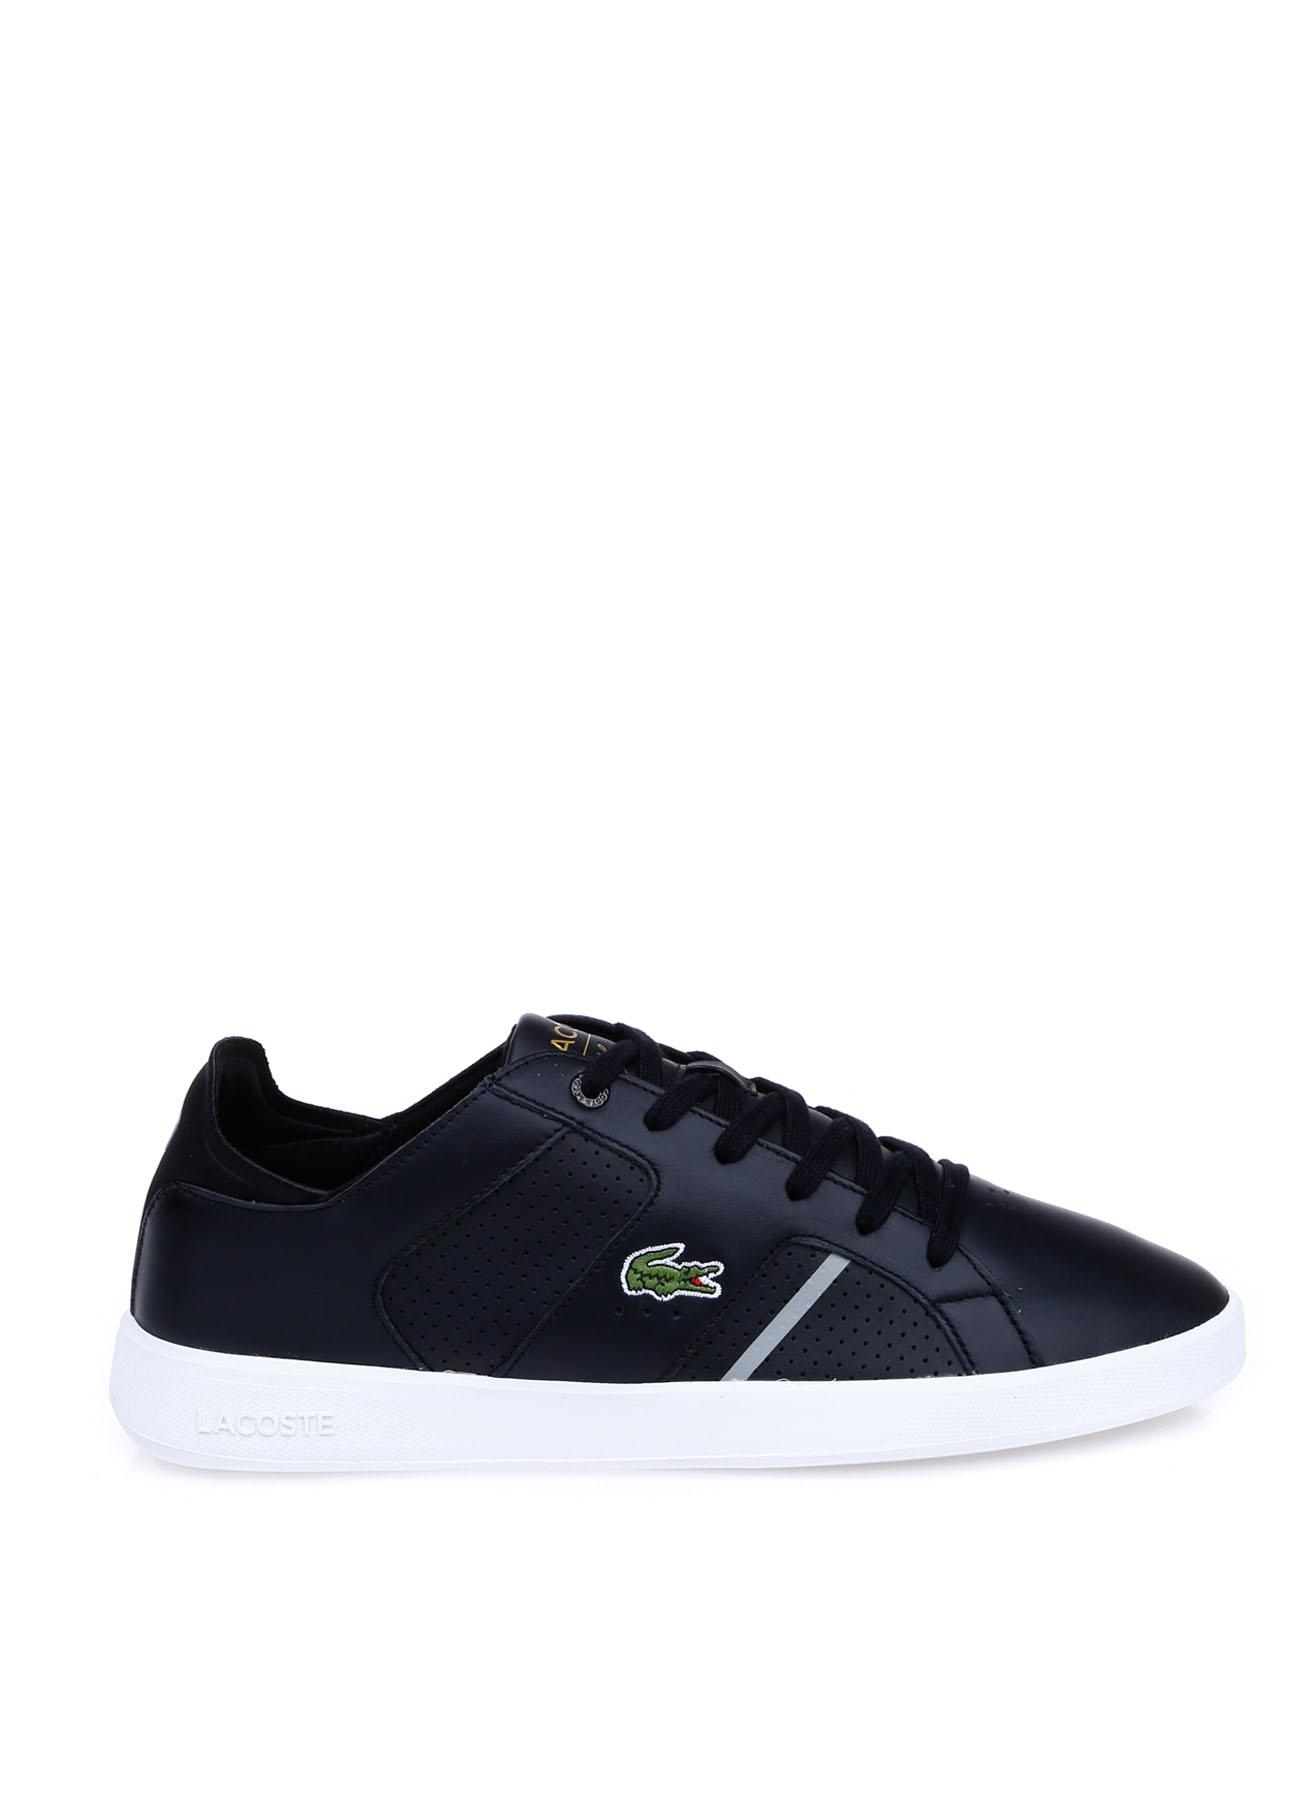 Lacoste Erkek Deri Siyah Lifestyle Ayakkabı 42 5002314218004 Ürün Resmi